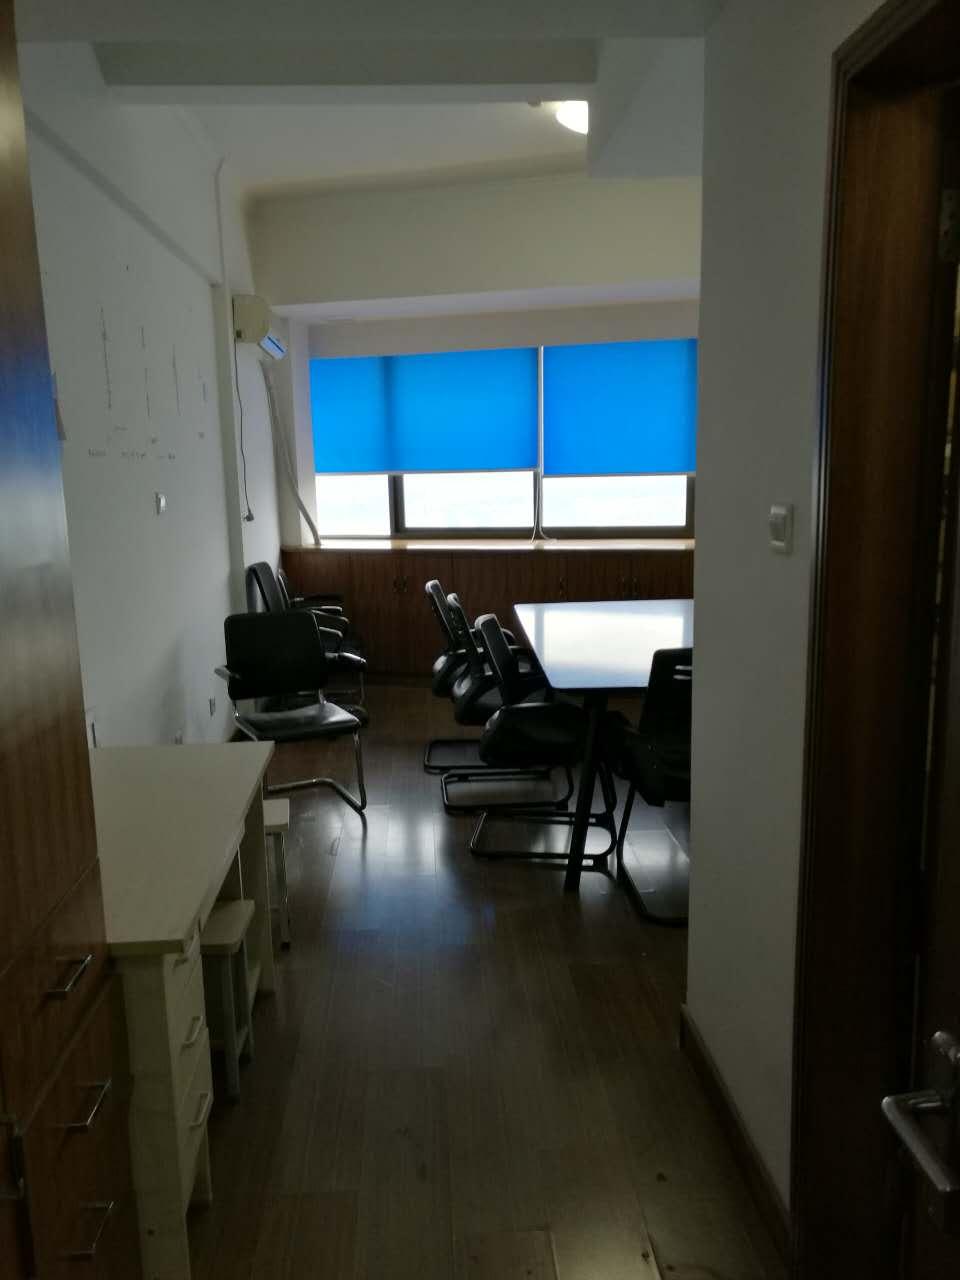 雪峰银座 高档写字楼绝佳办公场地 莫错过 首选哦